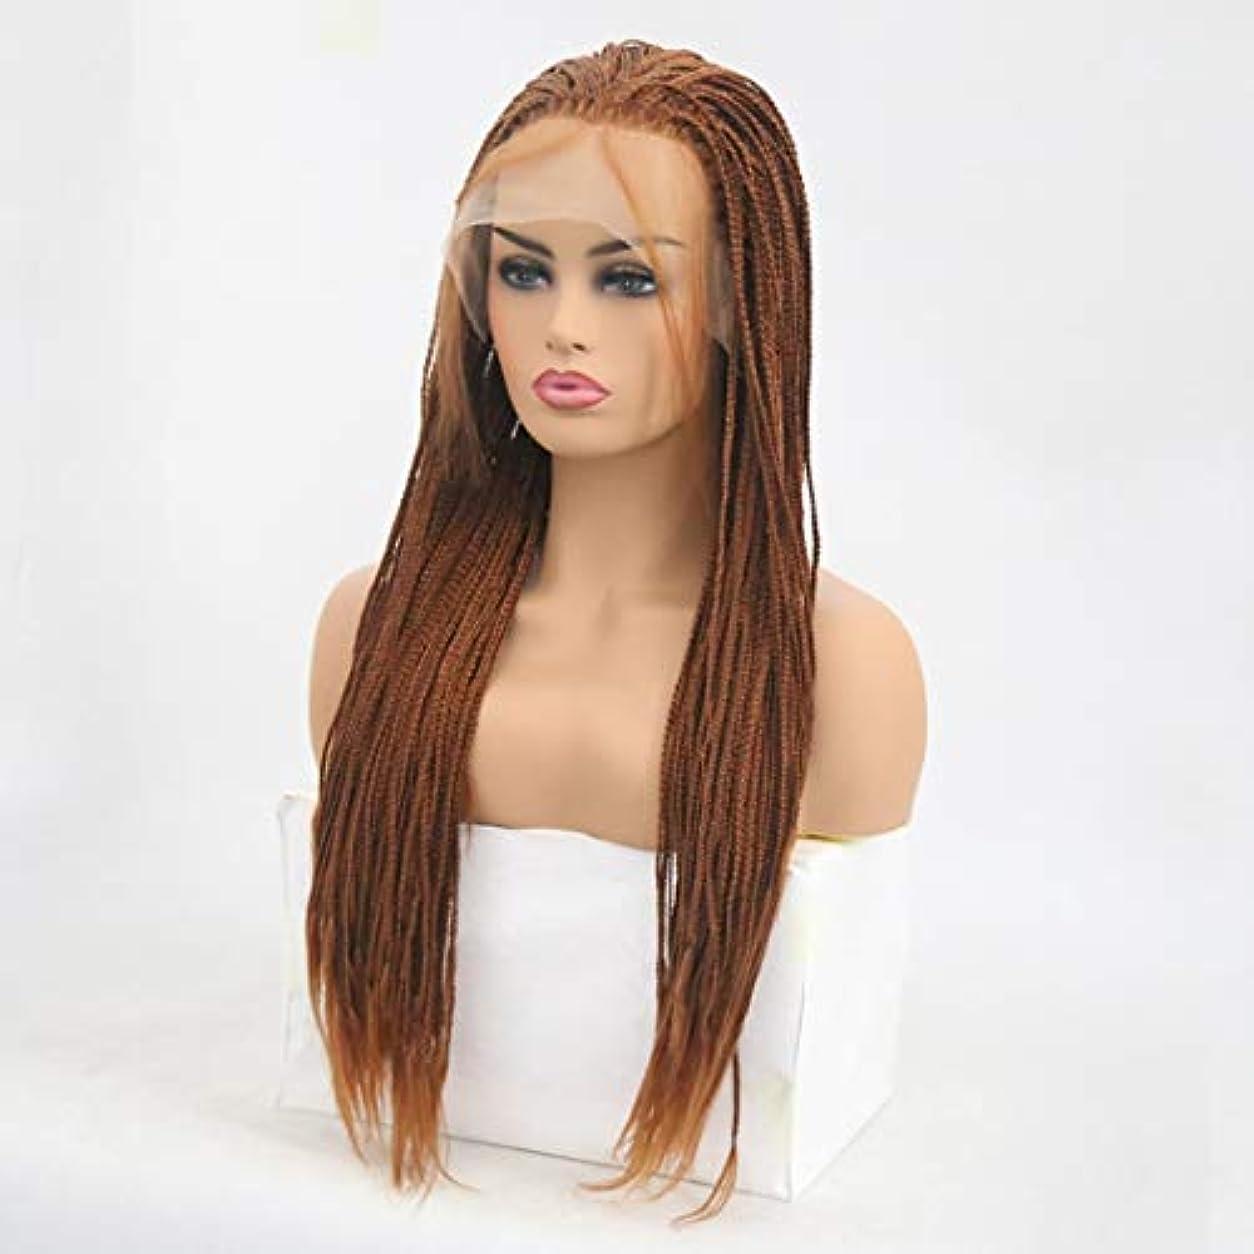 ストラトフォードオンエイボンジョガー廃棄するSummerys 女性のための前髪の髪のかつらで絹のような長いストレート黒かつら耐熱合成かつら (Size : 24 inches)